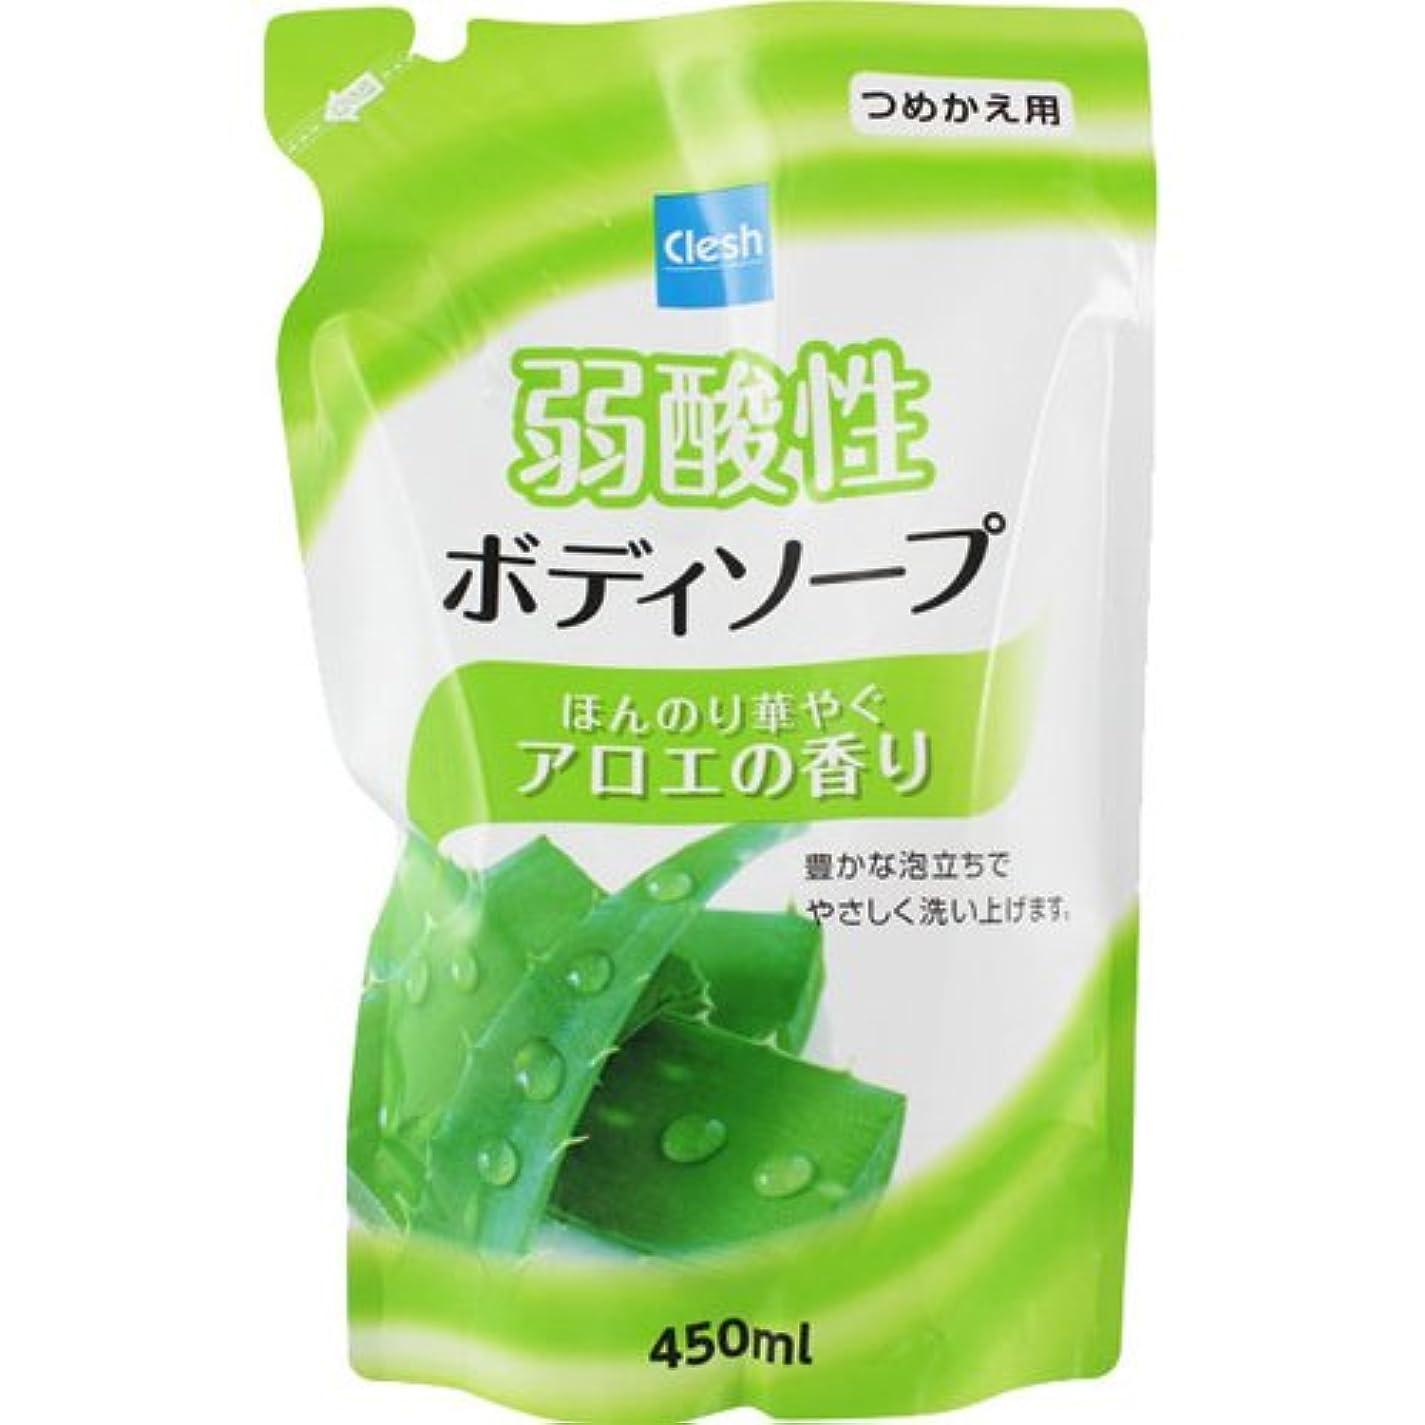 合金手綱滅びるClesh(クレシュ) 弱酸性ボディソープ アロエの香り つめかえ用 450ml